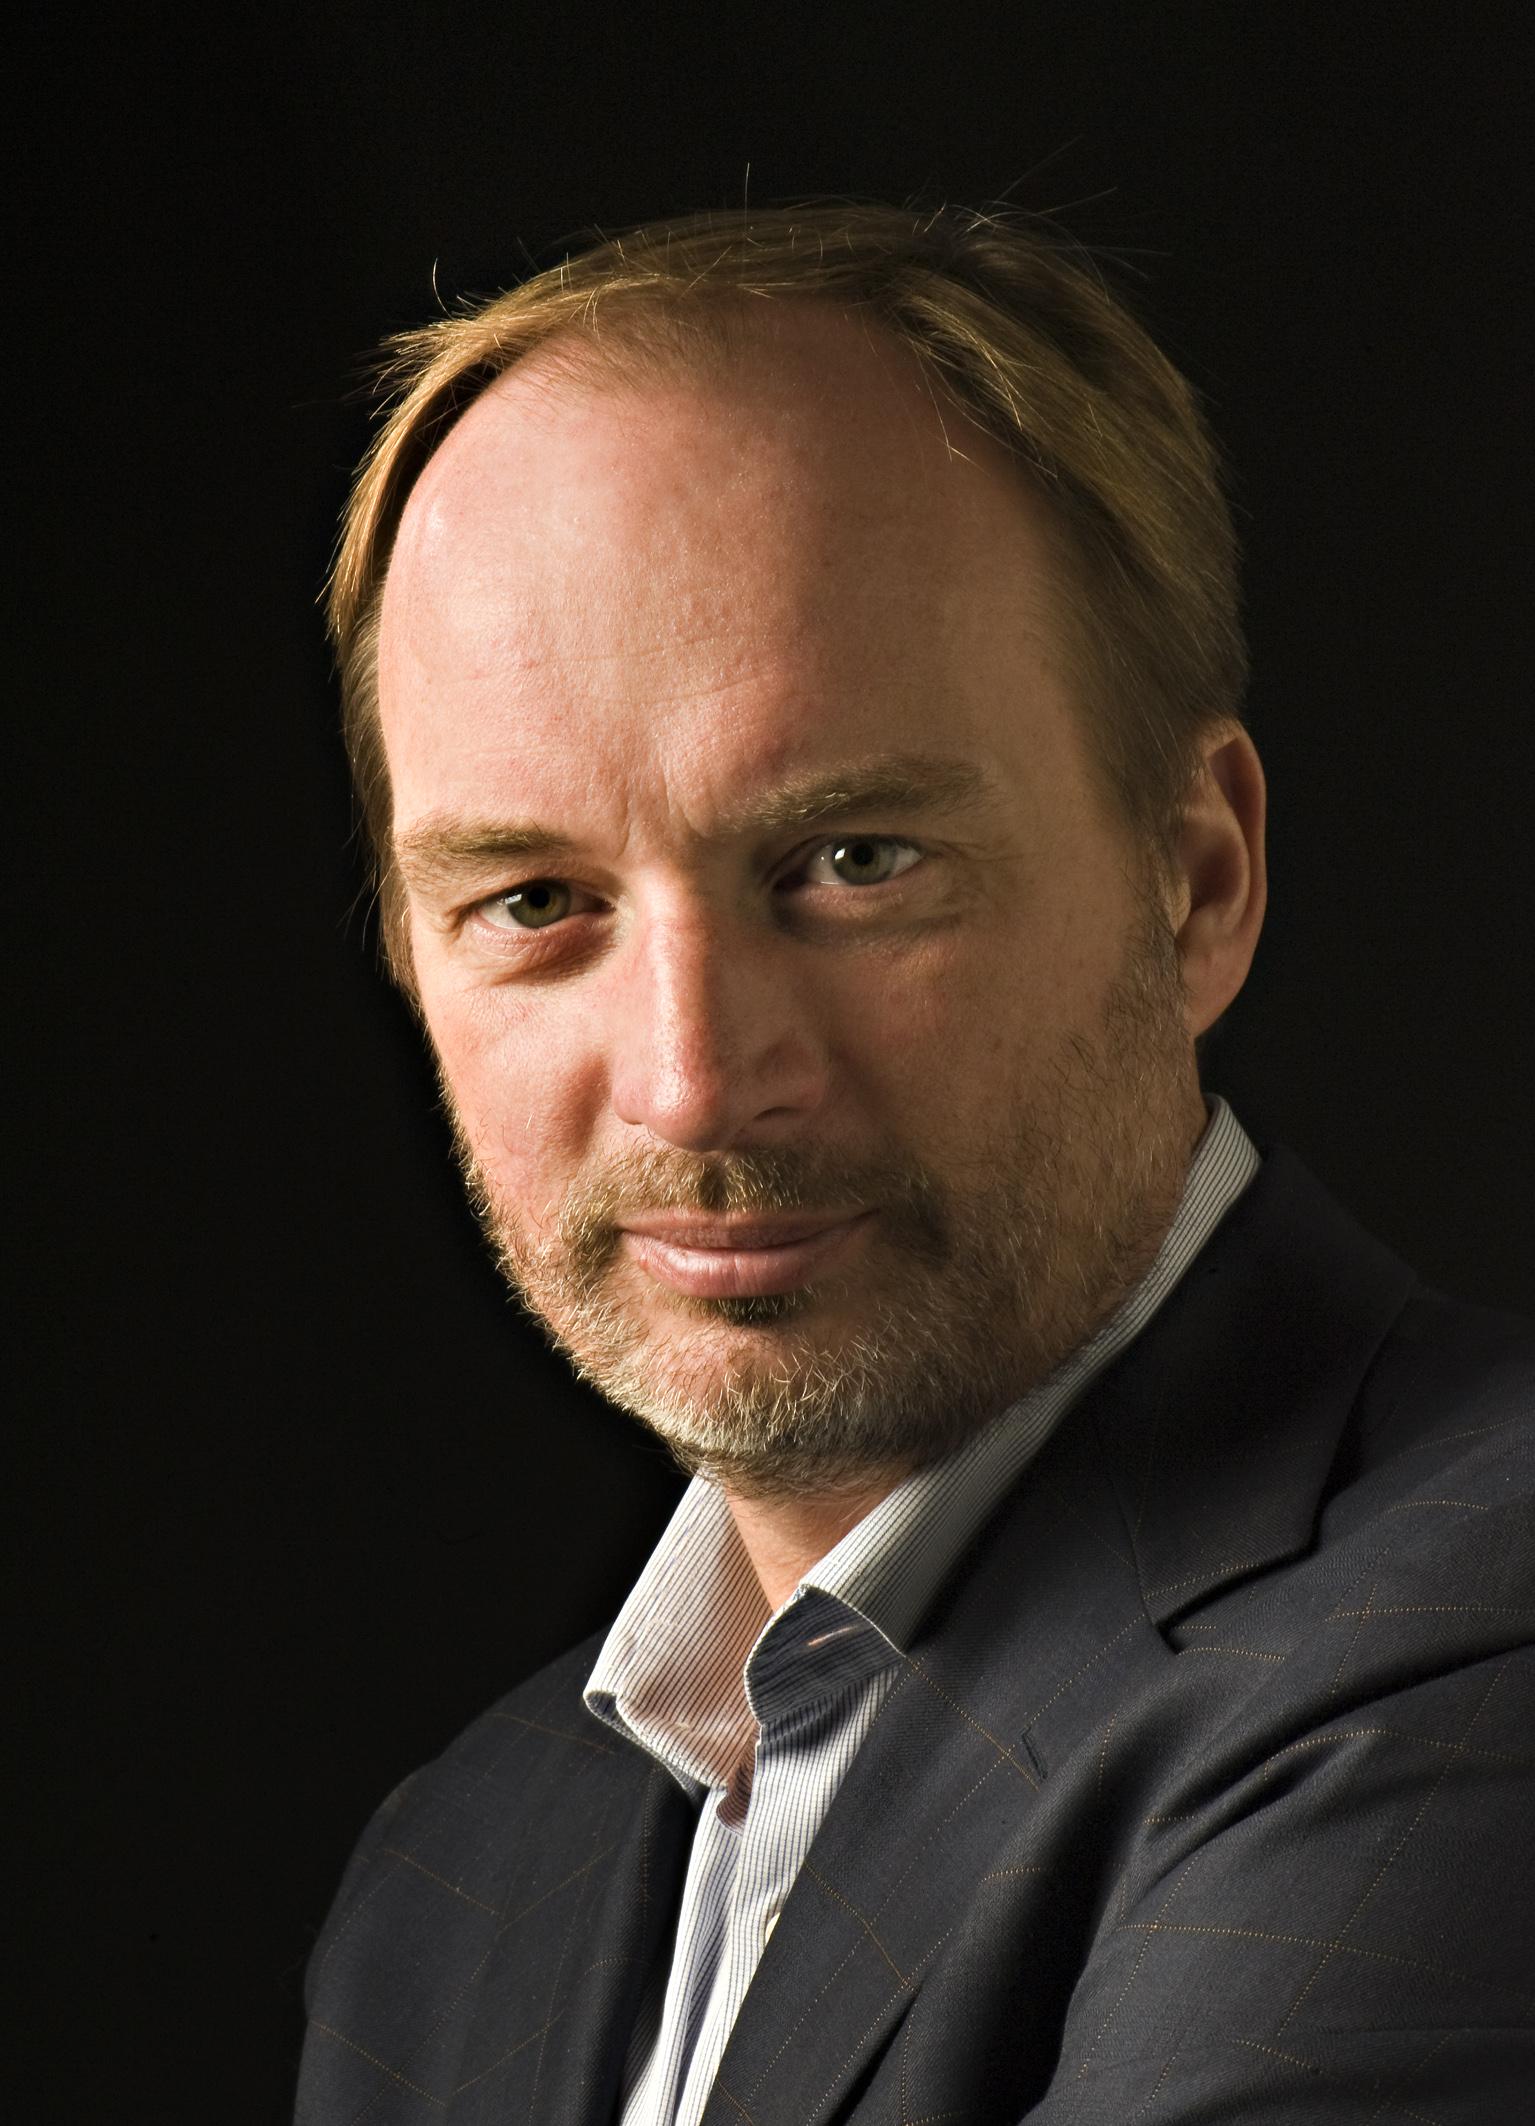 Pieter van twisk